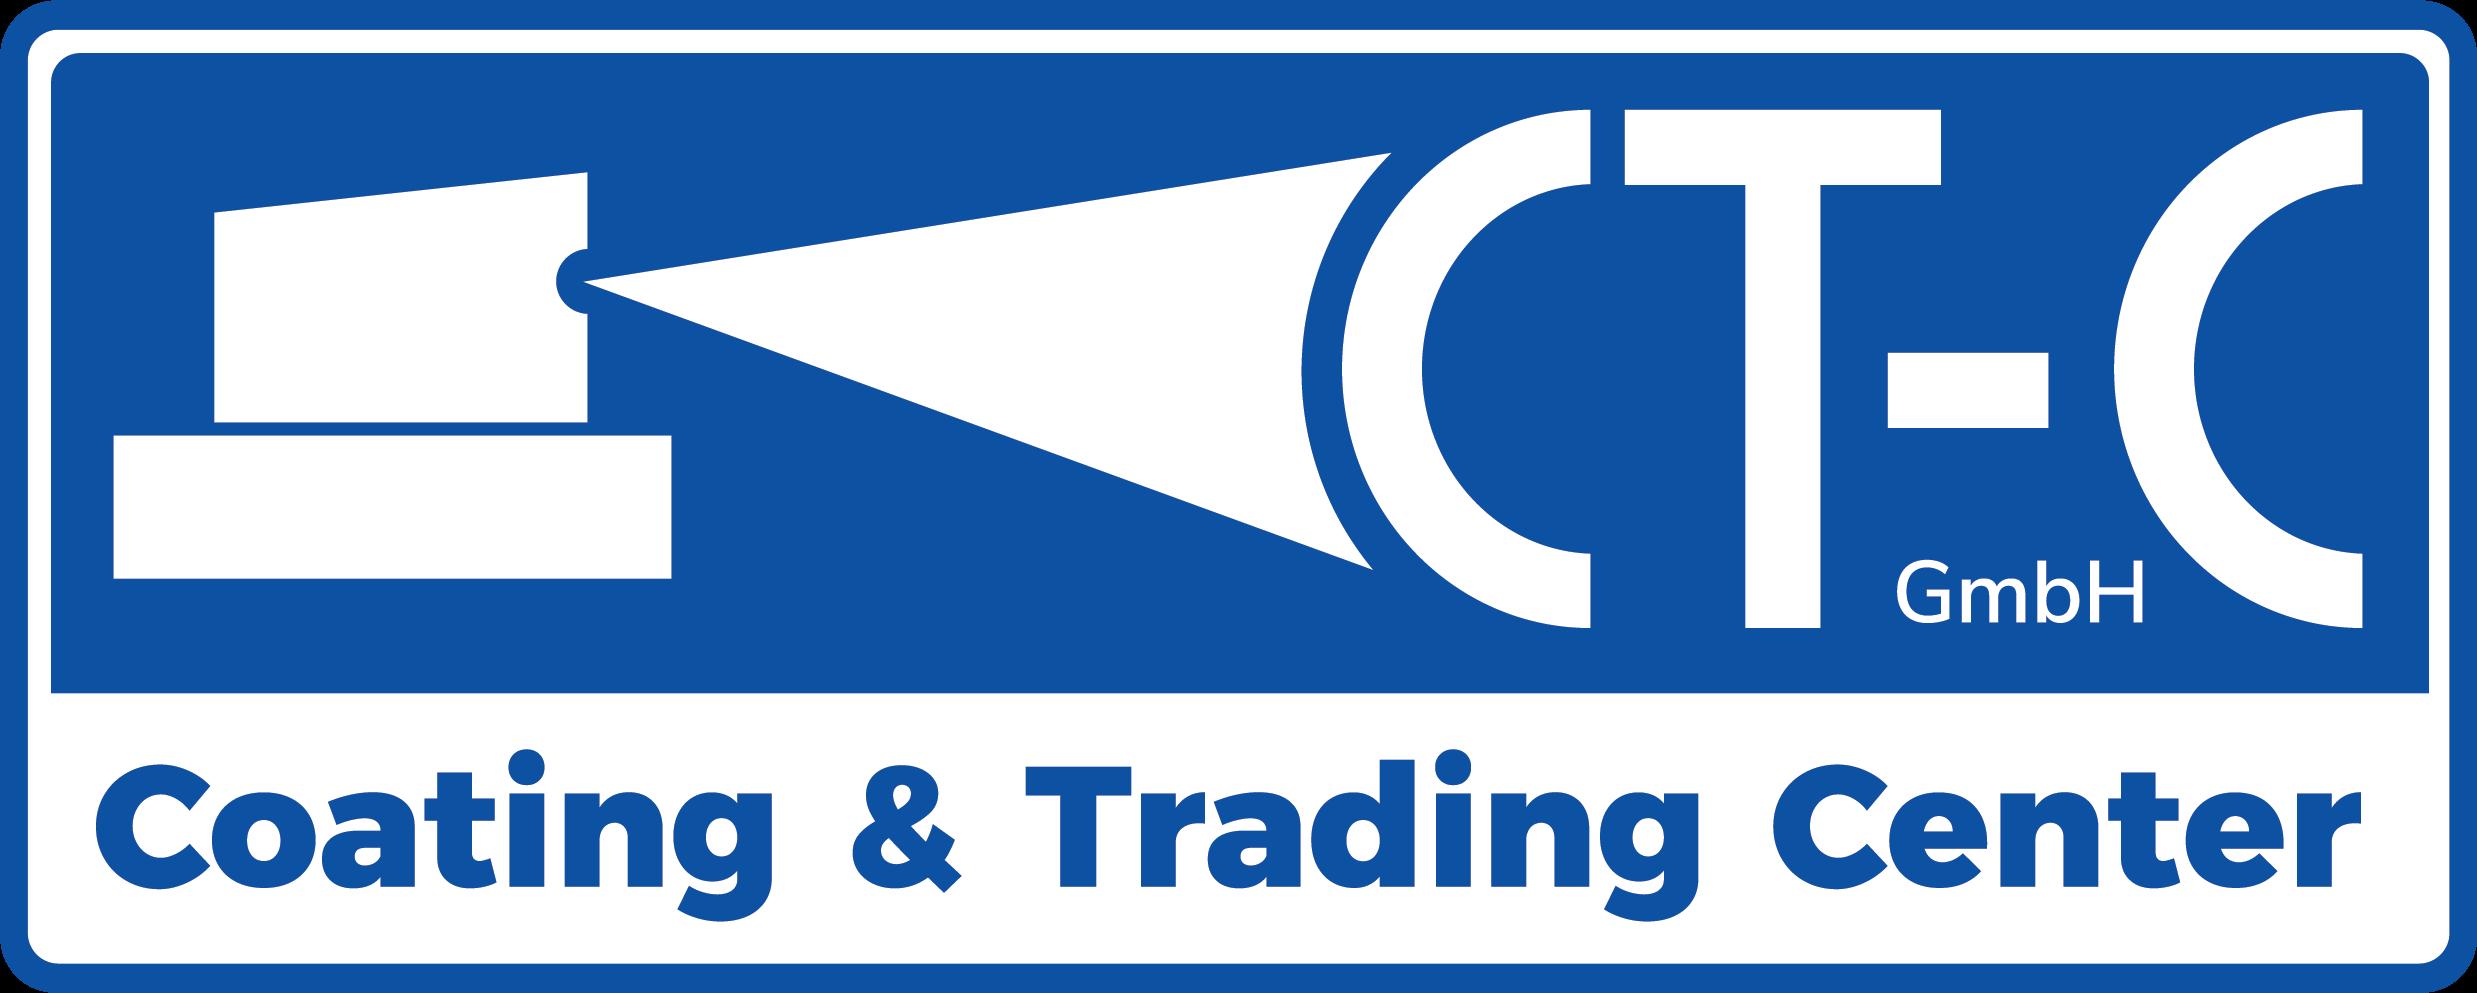 CT-C GmbH